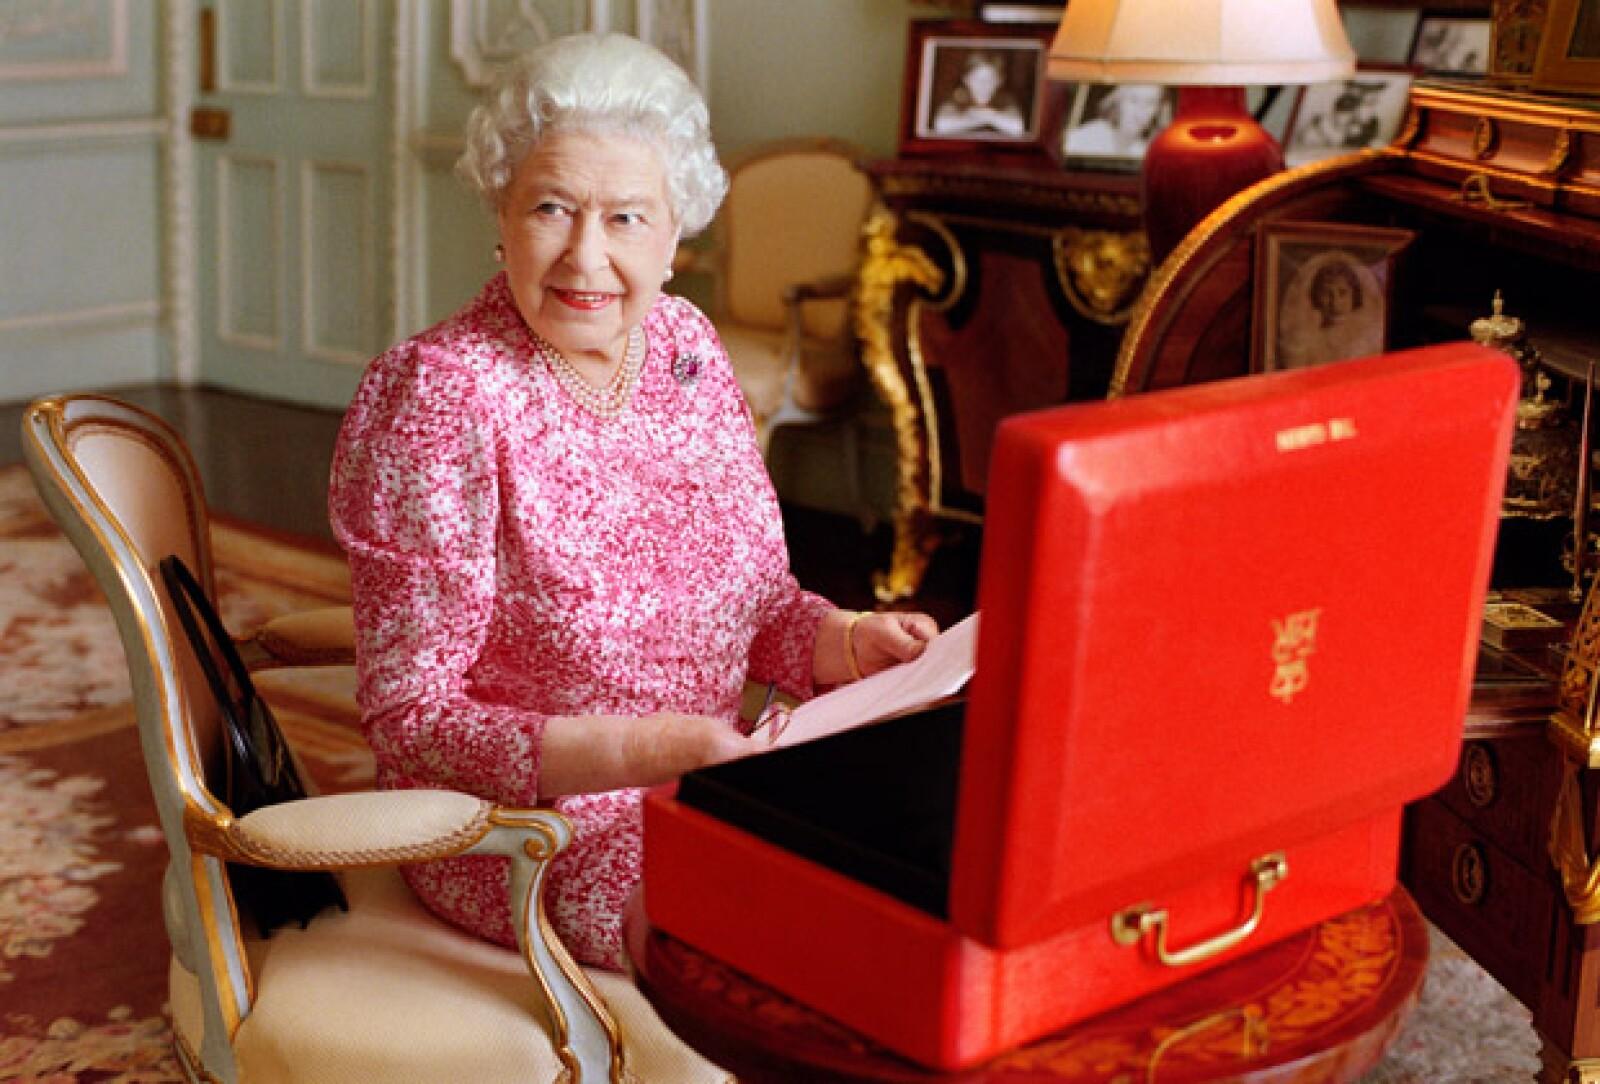 El miércoles la Reina Isabel se volvió oficialmente la monarca que más ha durado como en el trono, y para celebrarlo, el Palacio de Buckingham publicó un nuevo retrato de ella.